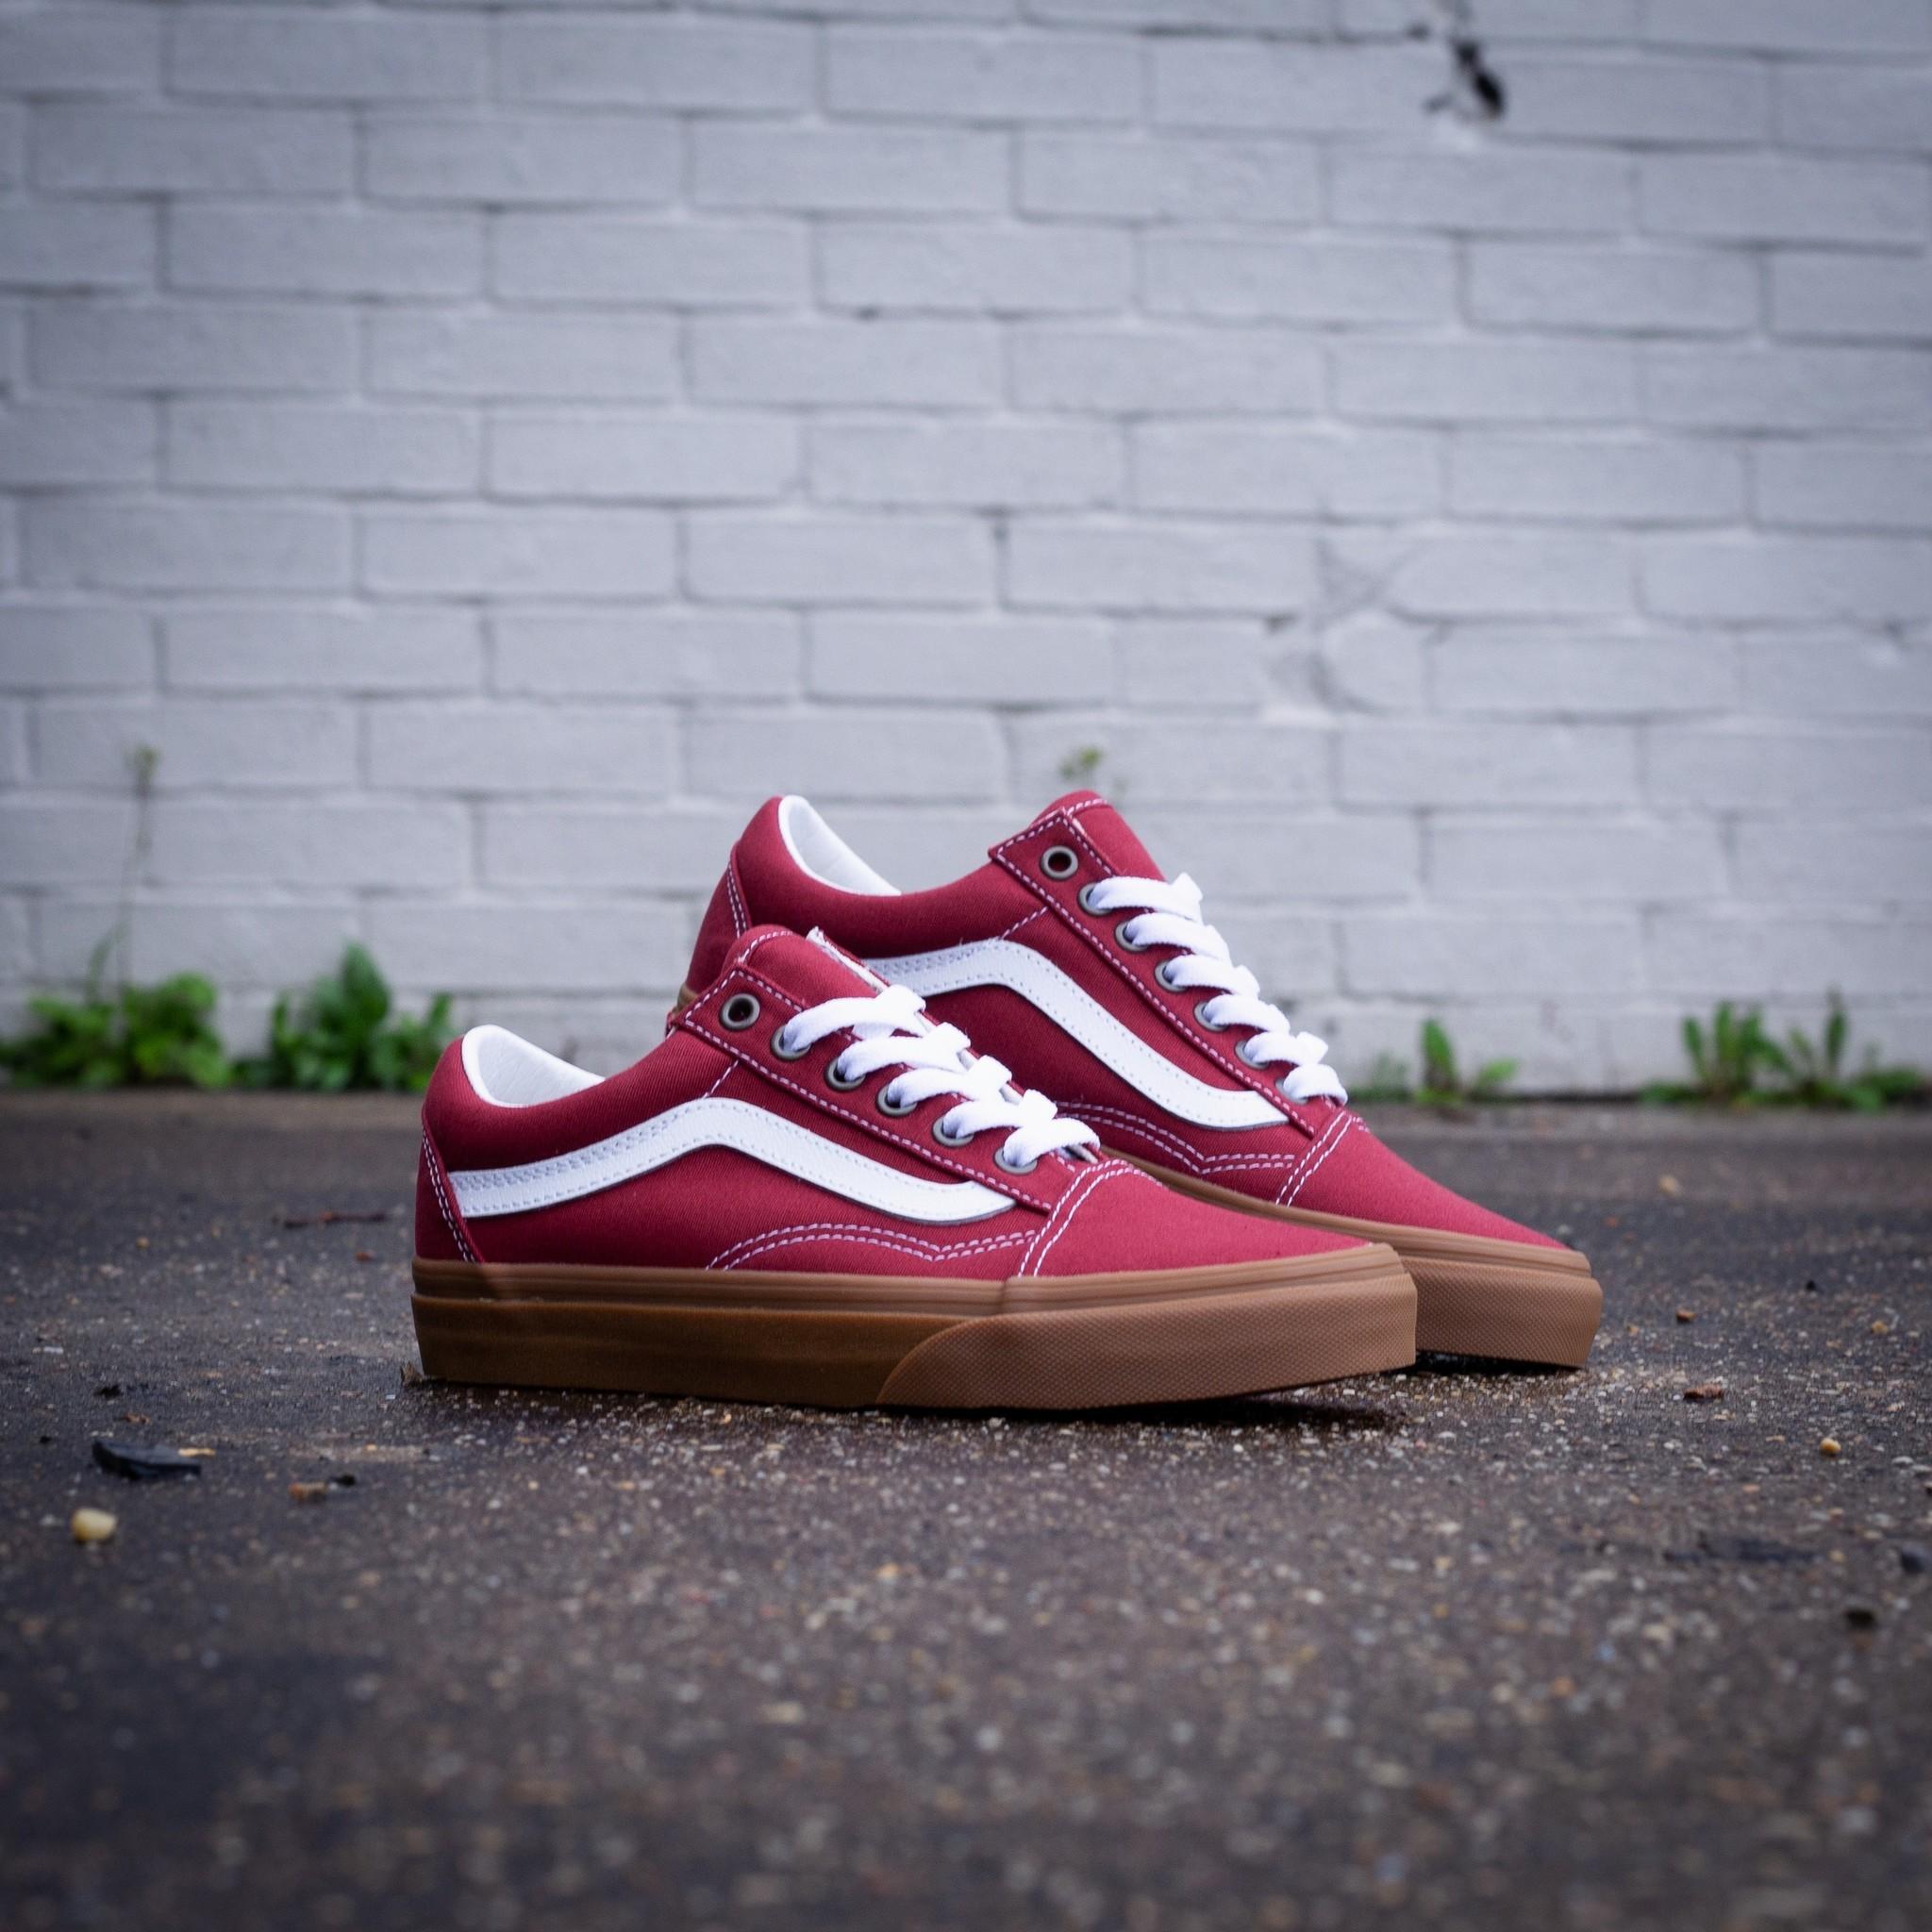 Vans Old Skool Rosewood/Gum